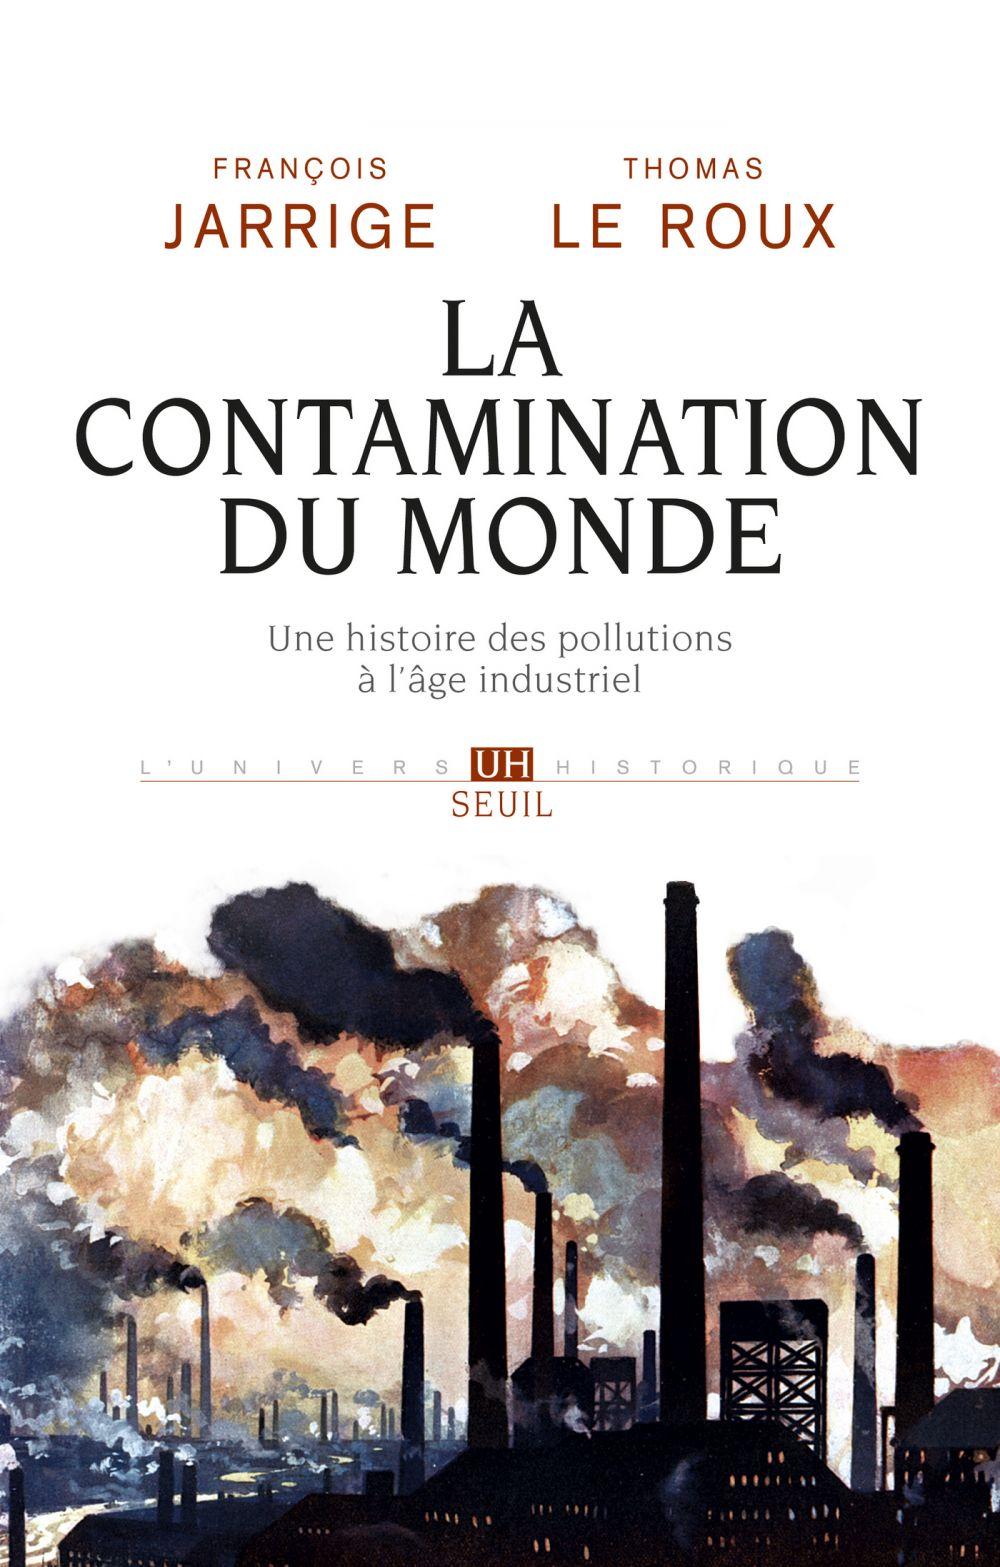 La Contamination du monde. Une histoire des pollutions à l'âge industriel |